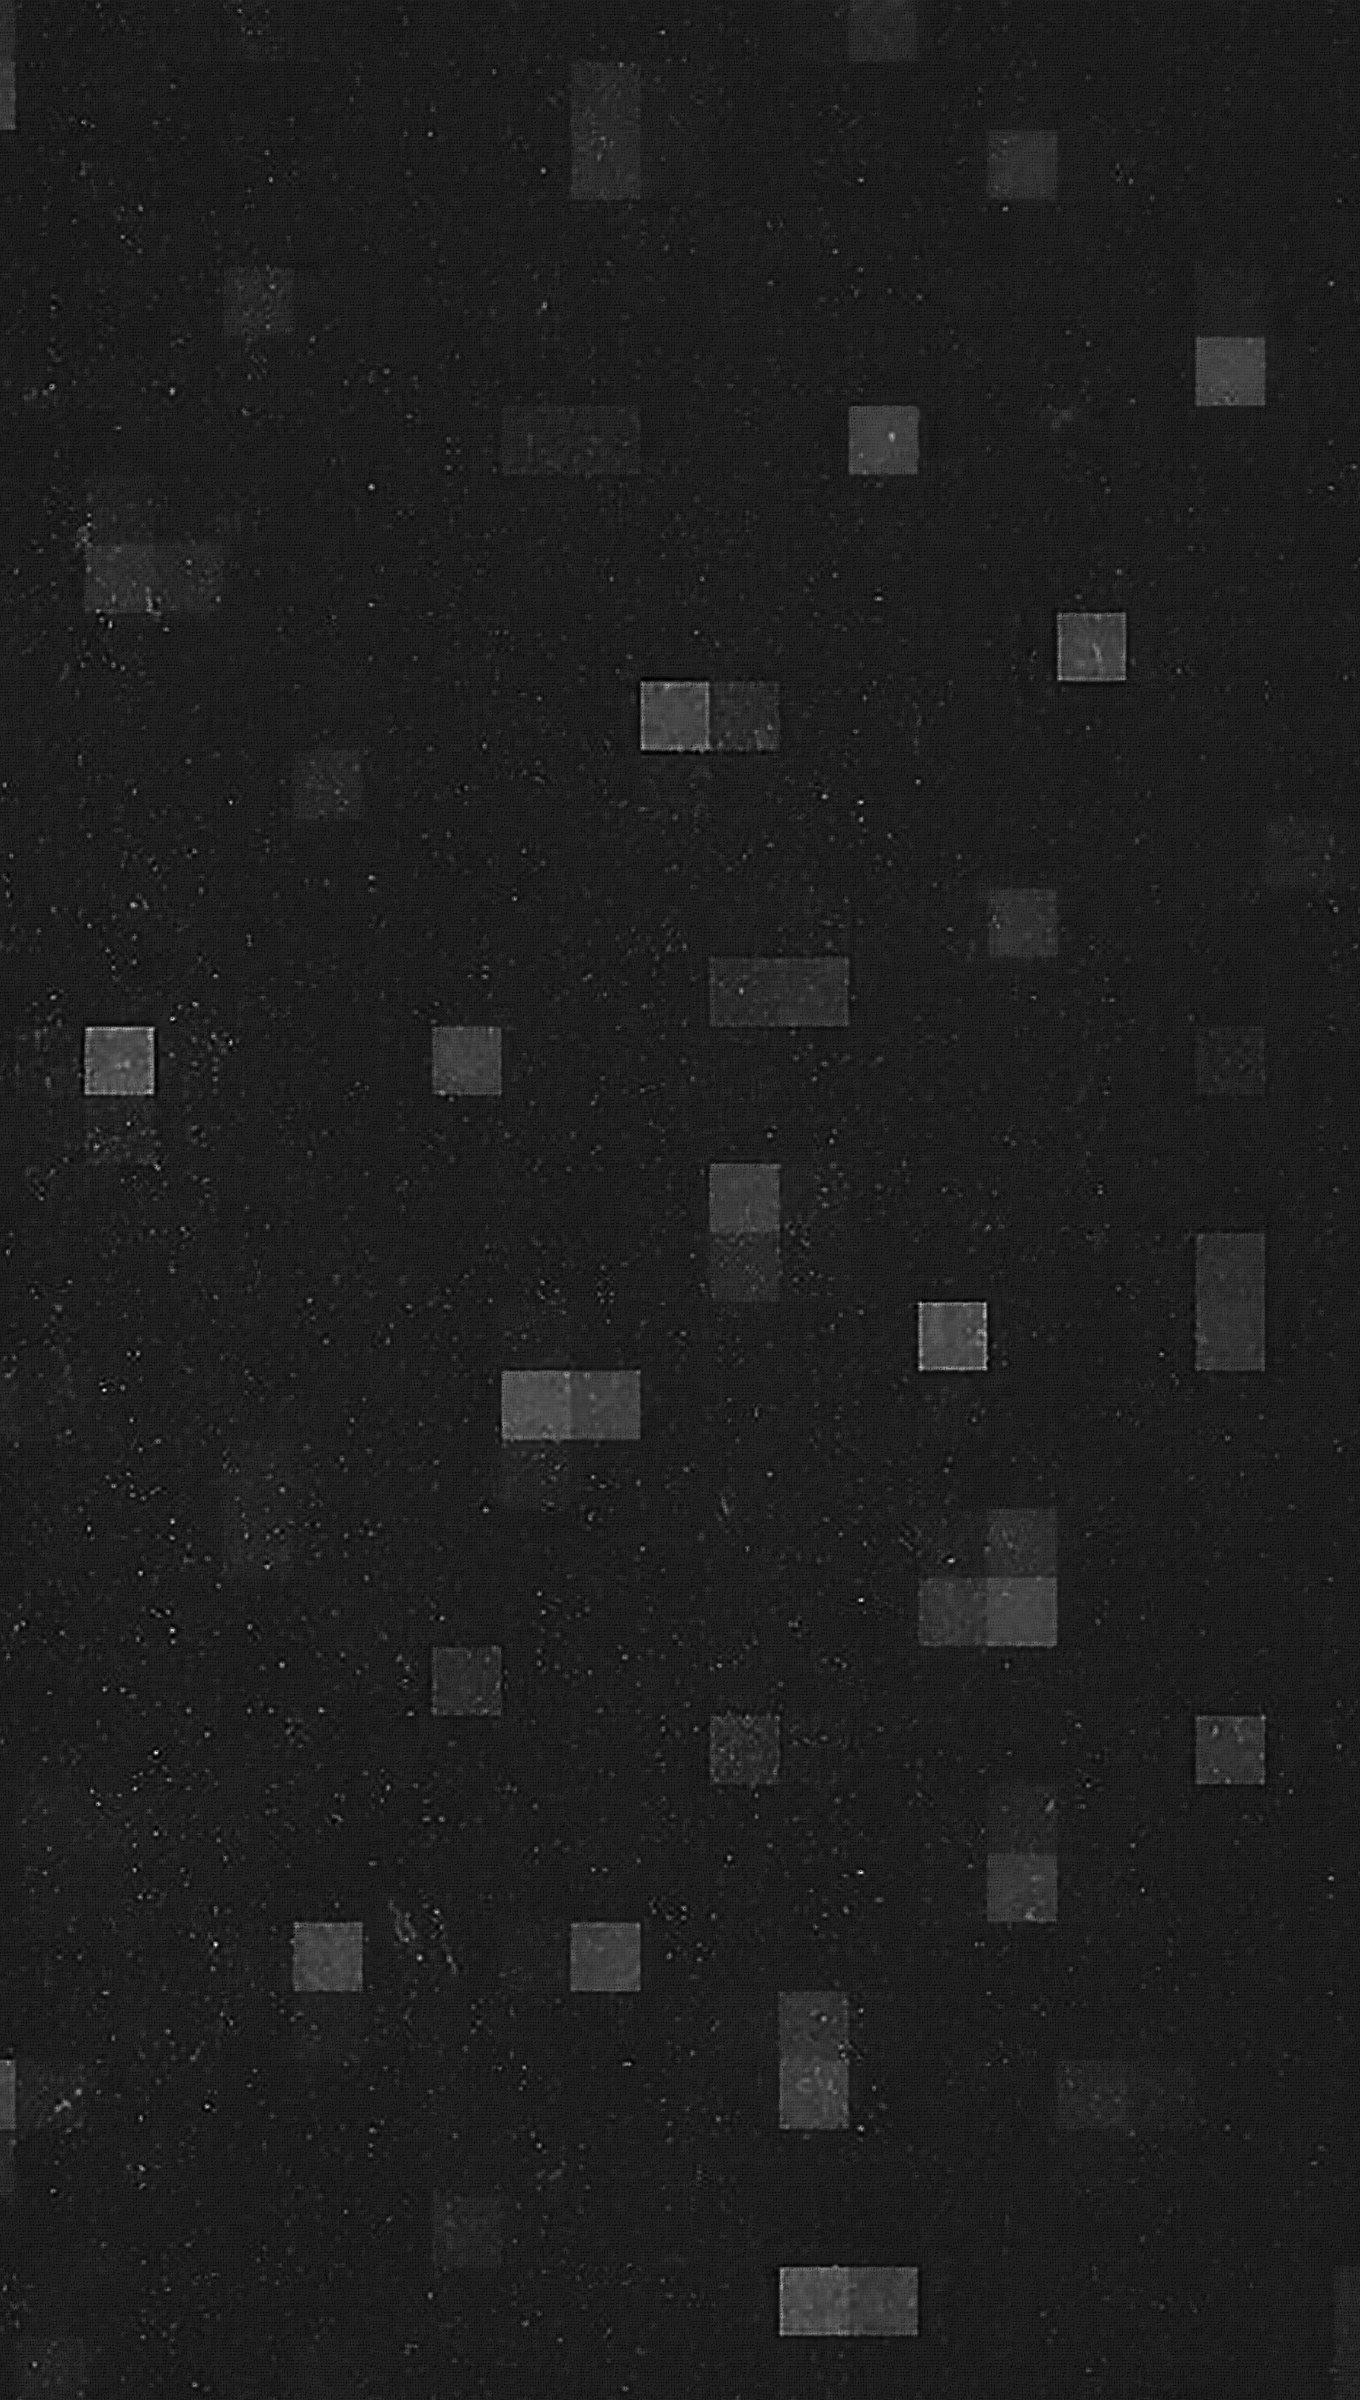 Fondos de pantalla Patron de cuadros negros Vertical